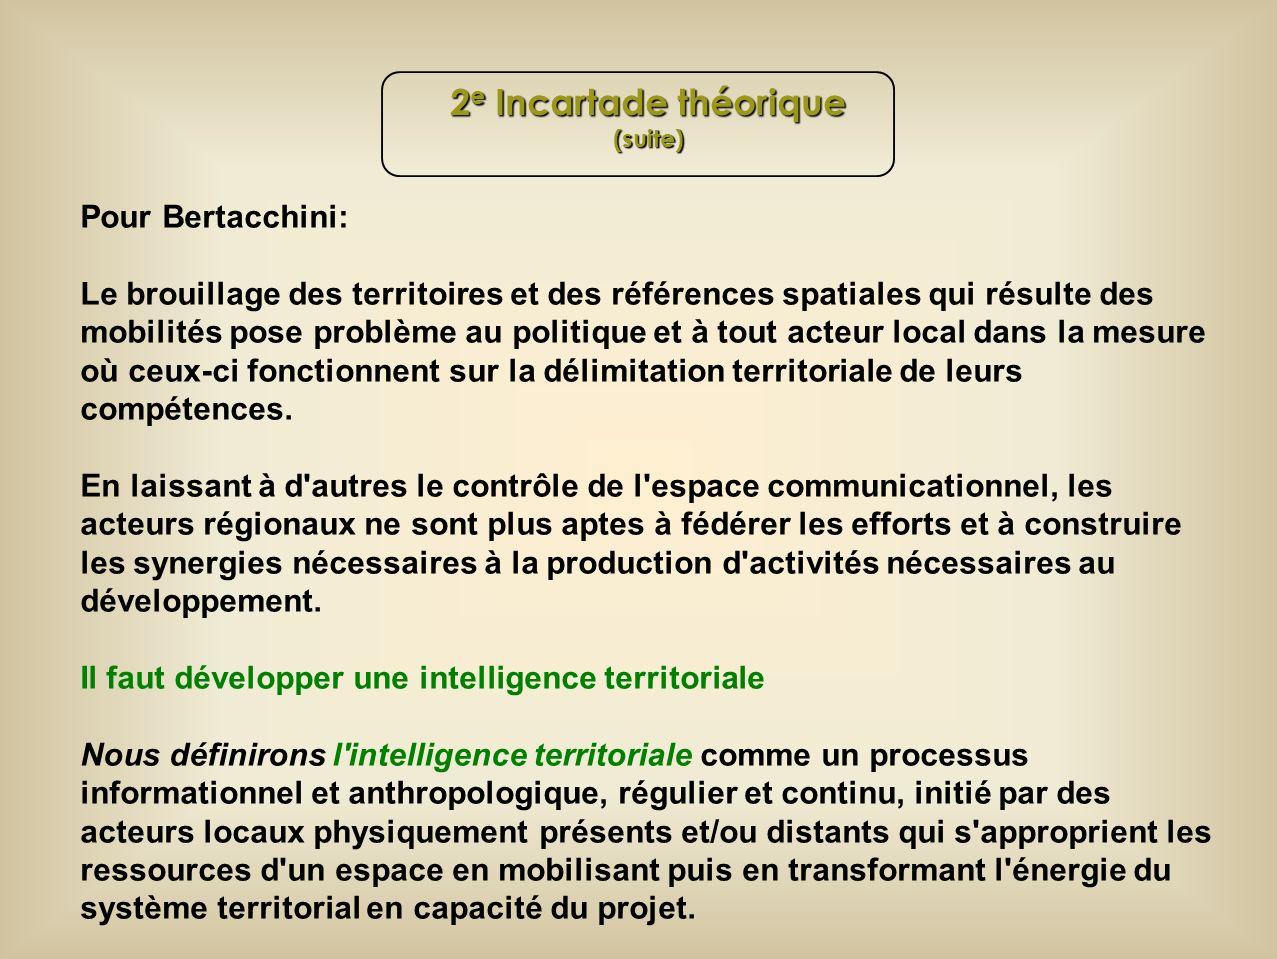 Pour Bertacchini: Le brouillage des territoires et des références spatiales qui résulte des mobilités pose problème au politique et à tout acteur local dans la mesure où ceux-ci fonctionnent sur la délimitation territoriale de leurs compétences.